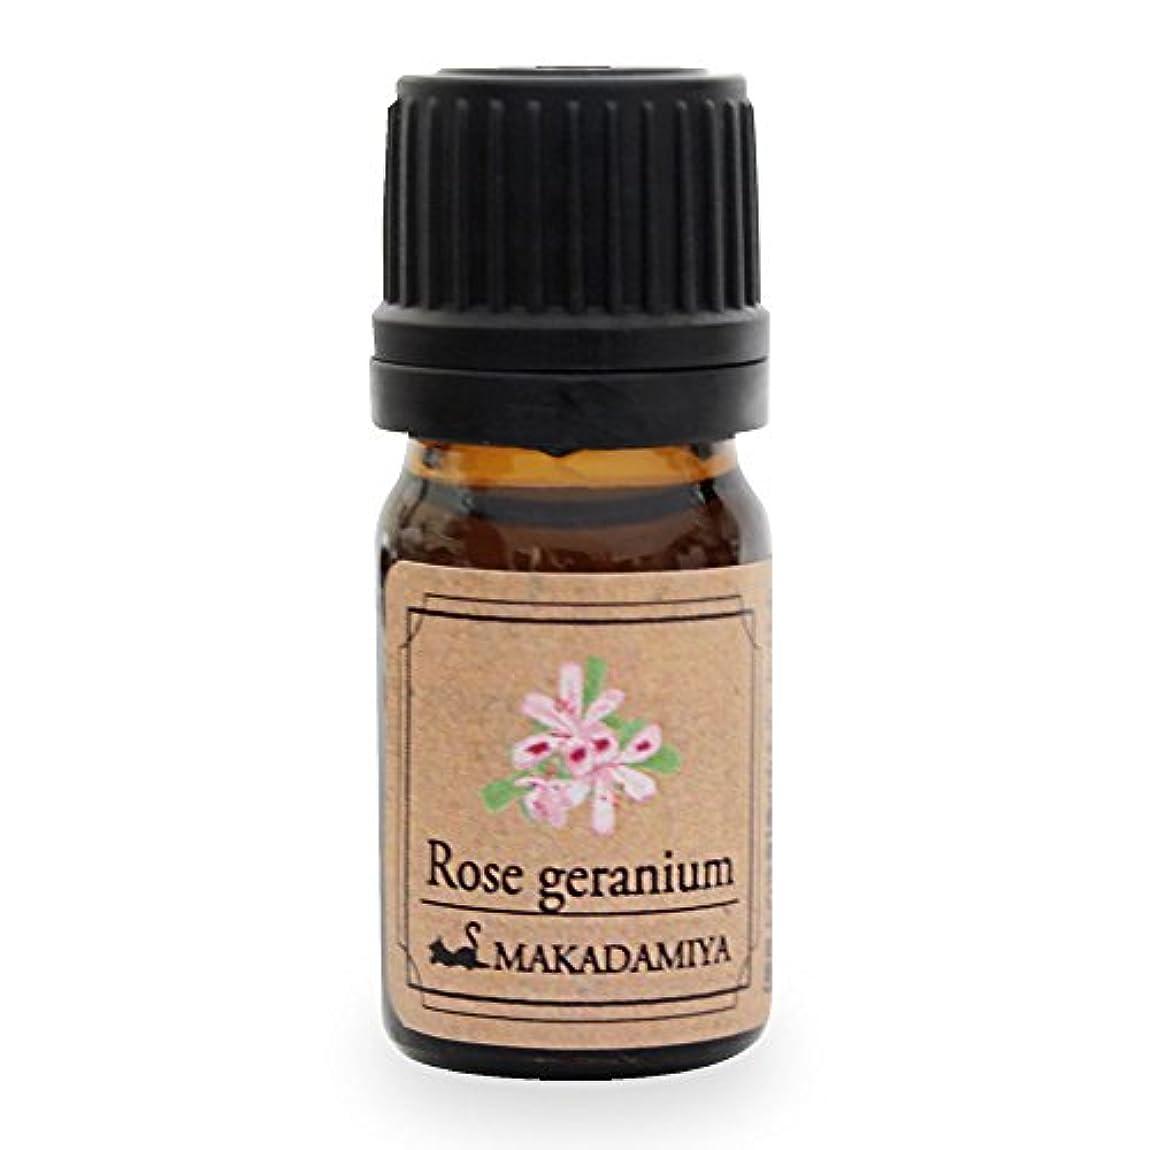 識字ジェムまろやかなローズゼラニウム5ml 天然100%植物性 エッセンシャルオイル(精油) アロマオイル アロママッサージ aroma Rose Geranium